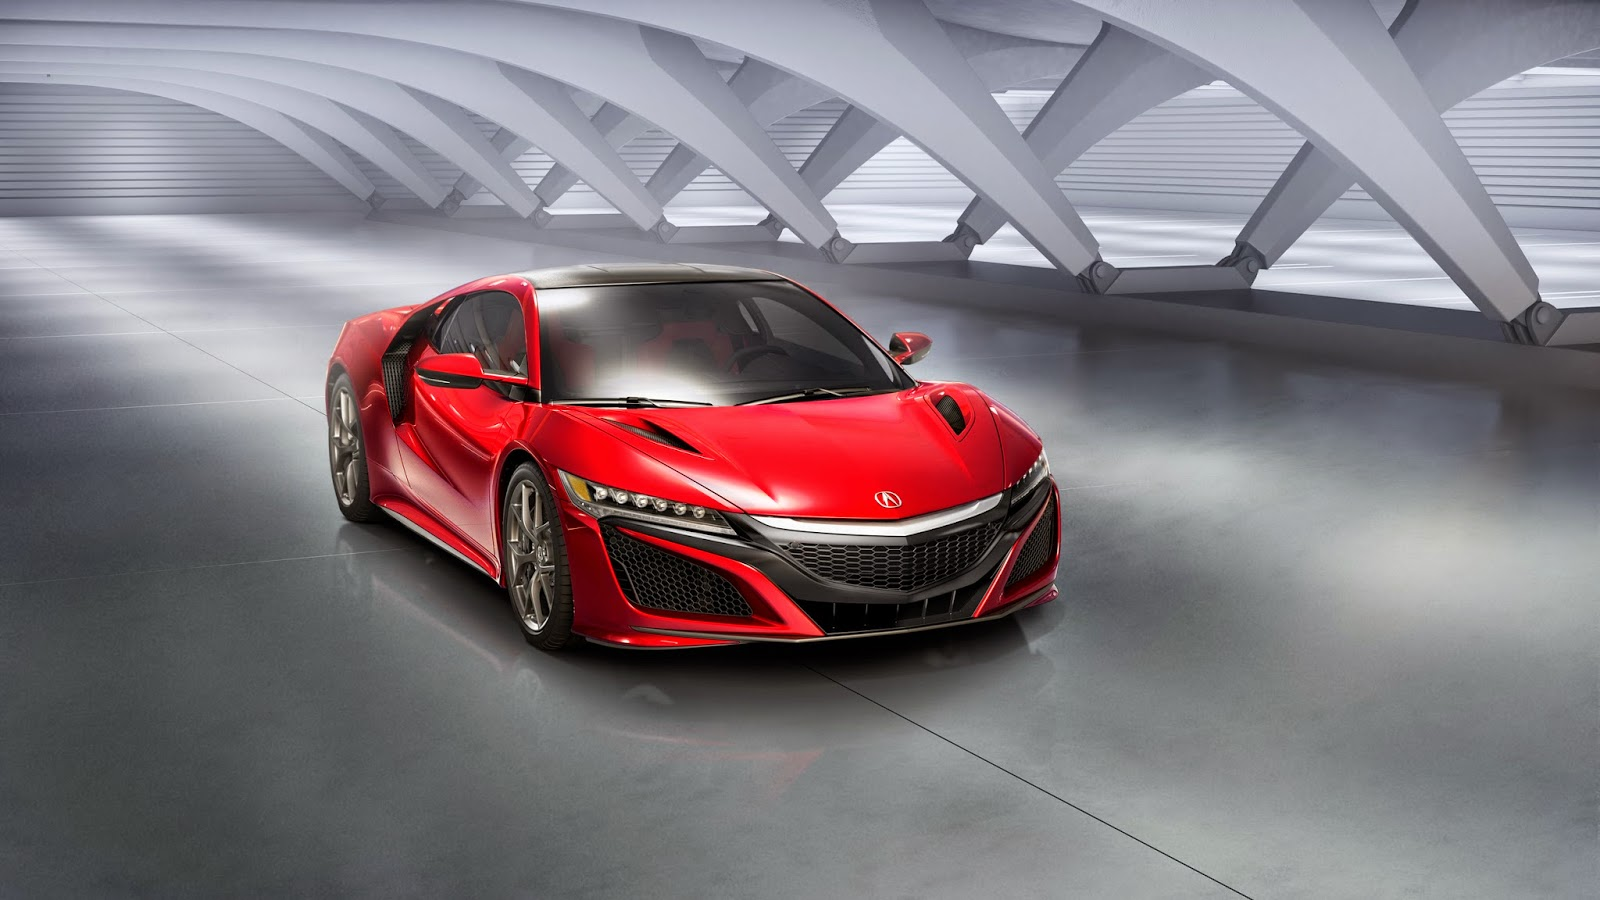 2016 Acura NSX Release date, Specs, Design, Price